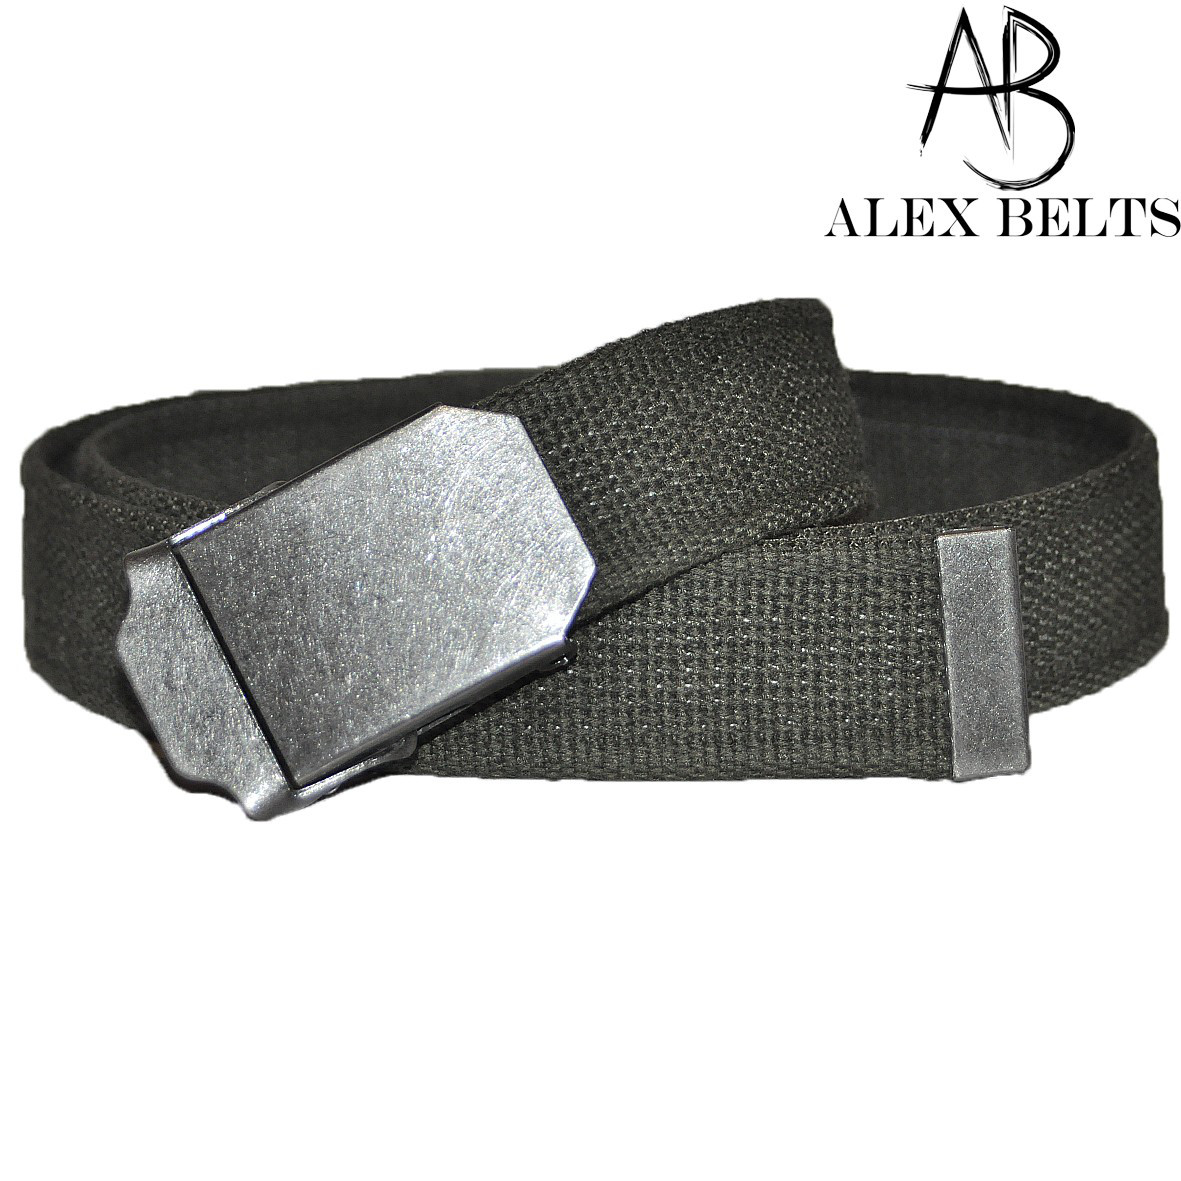 Ремень мужской джинсовый тканевый (серый-графит) 40 мм-купить оптом в Одессе